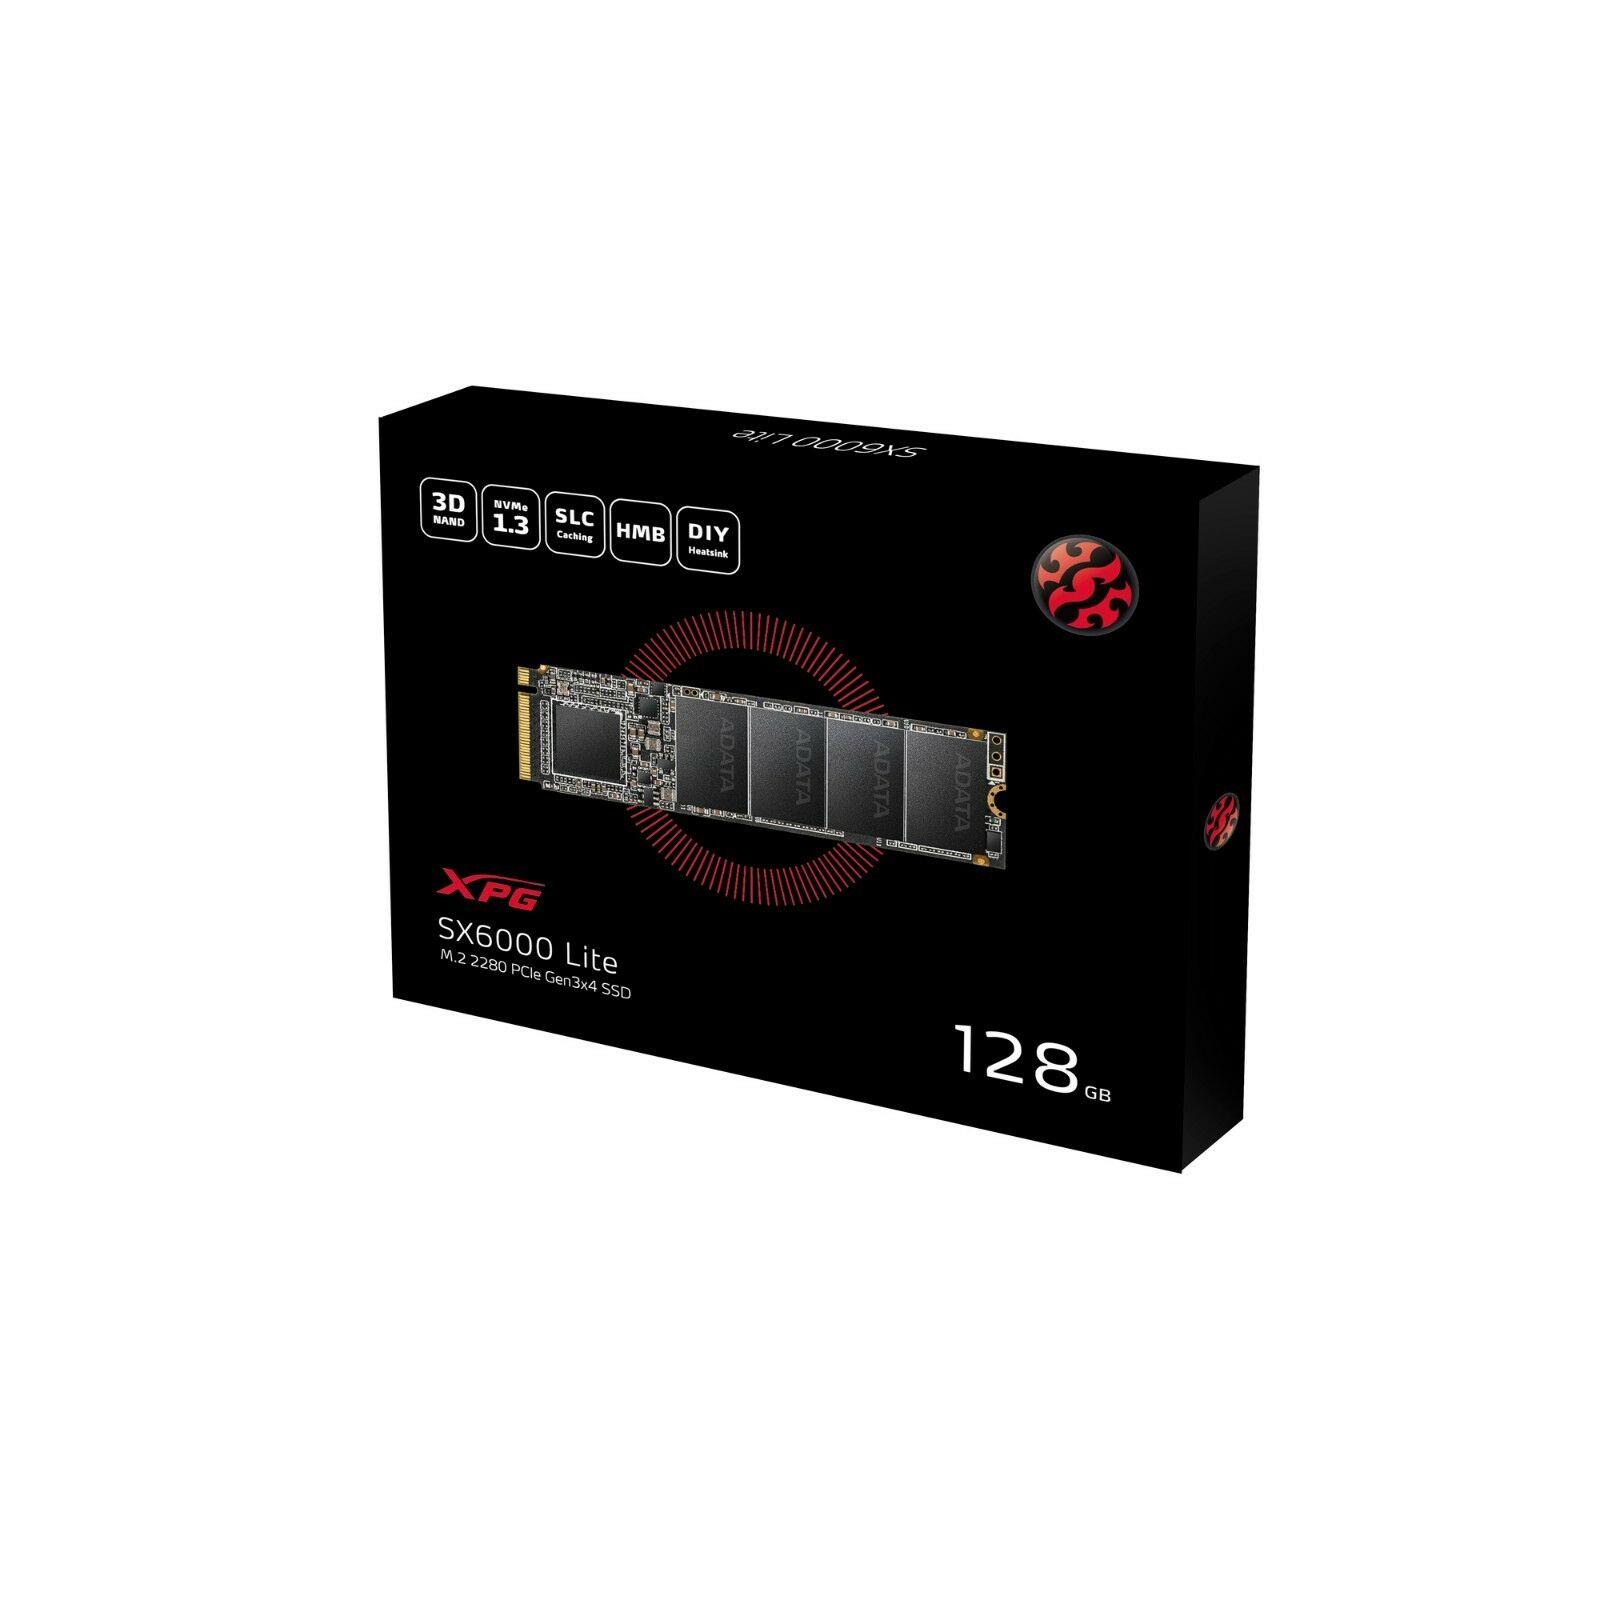 ADATA XPG SX6000 Lite M.2 2280 128GB PCIe NVMe Gen3x4 Internal SSD @ $25 + Free Shipping